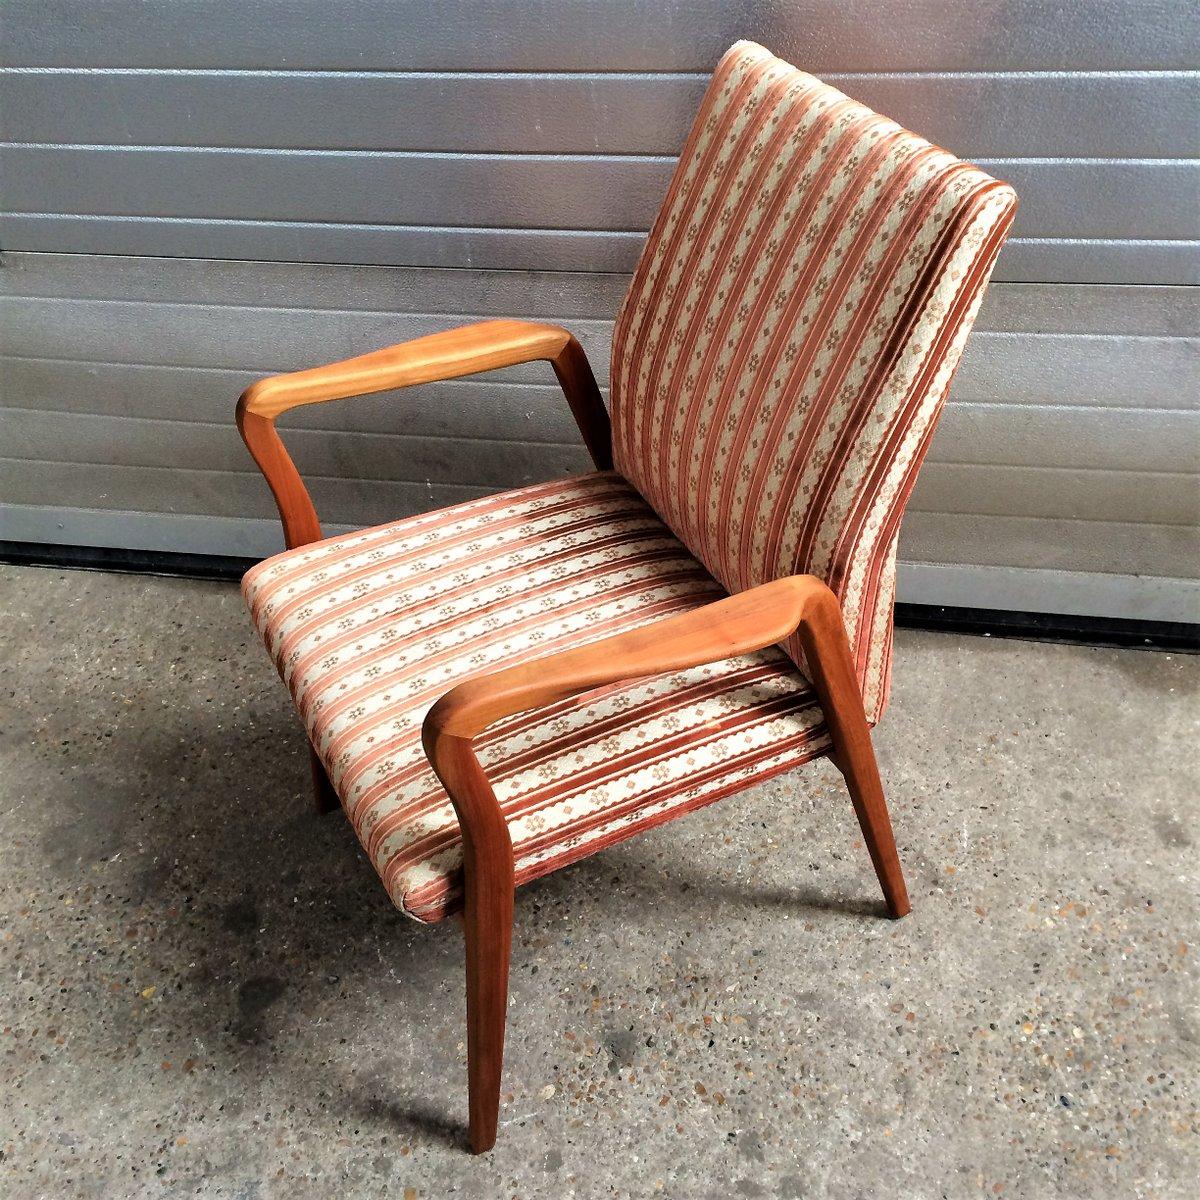 fauteuil scandinave vintage 1960s en vente sur pamono. Black Bedroom Furniture Sets. Home Design Ideas